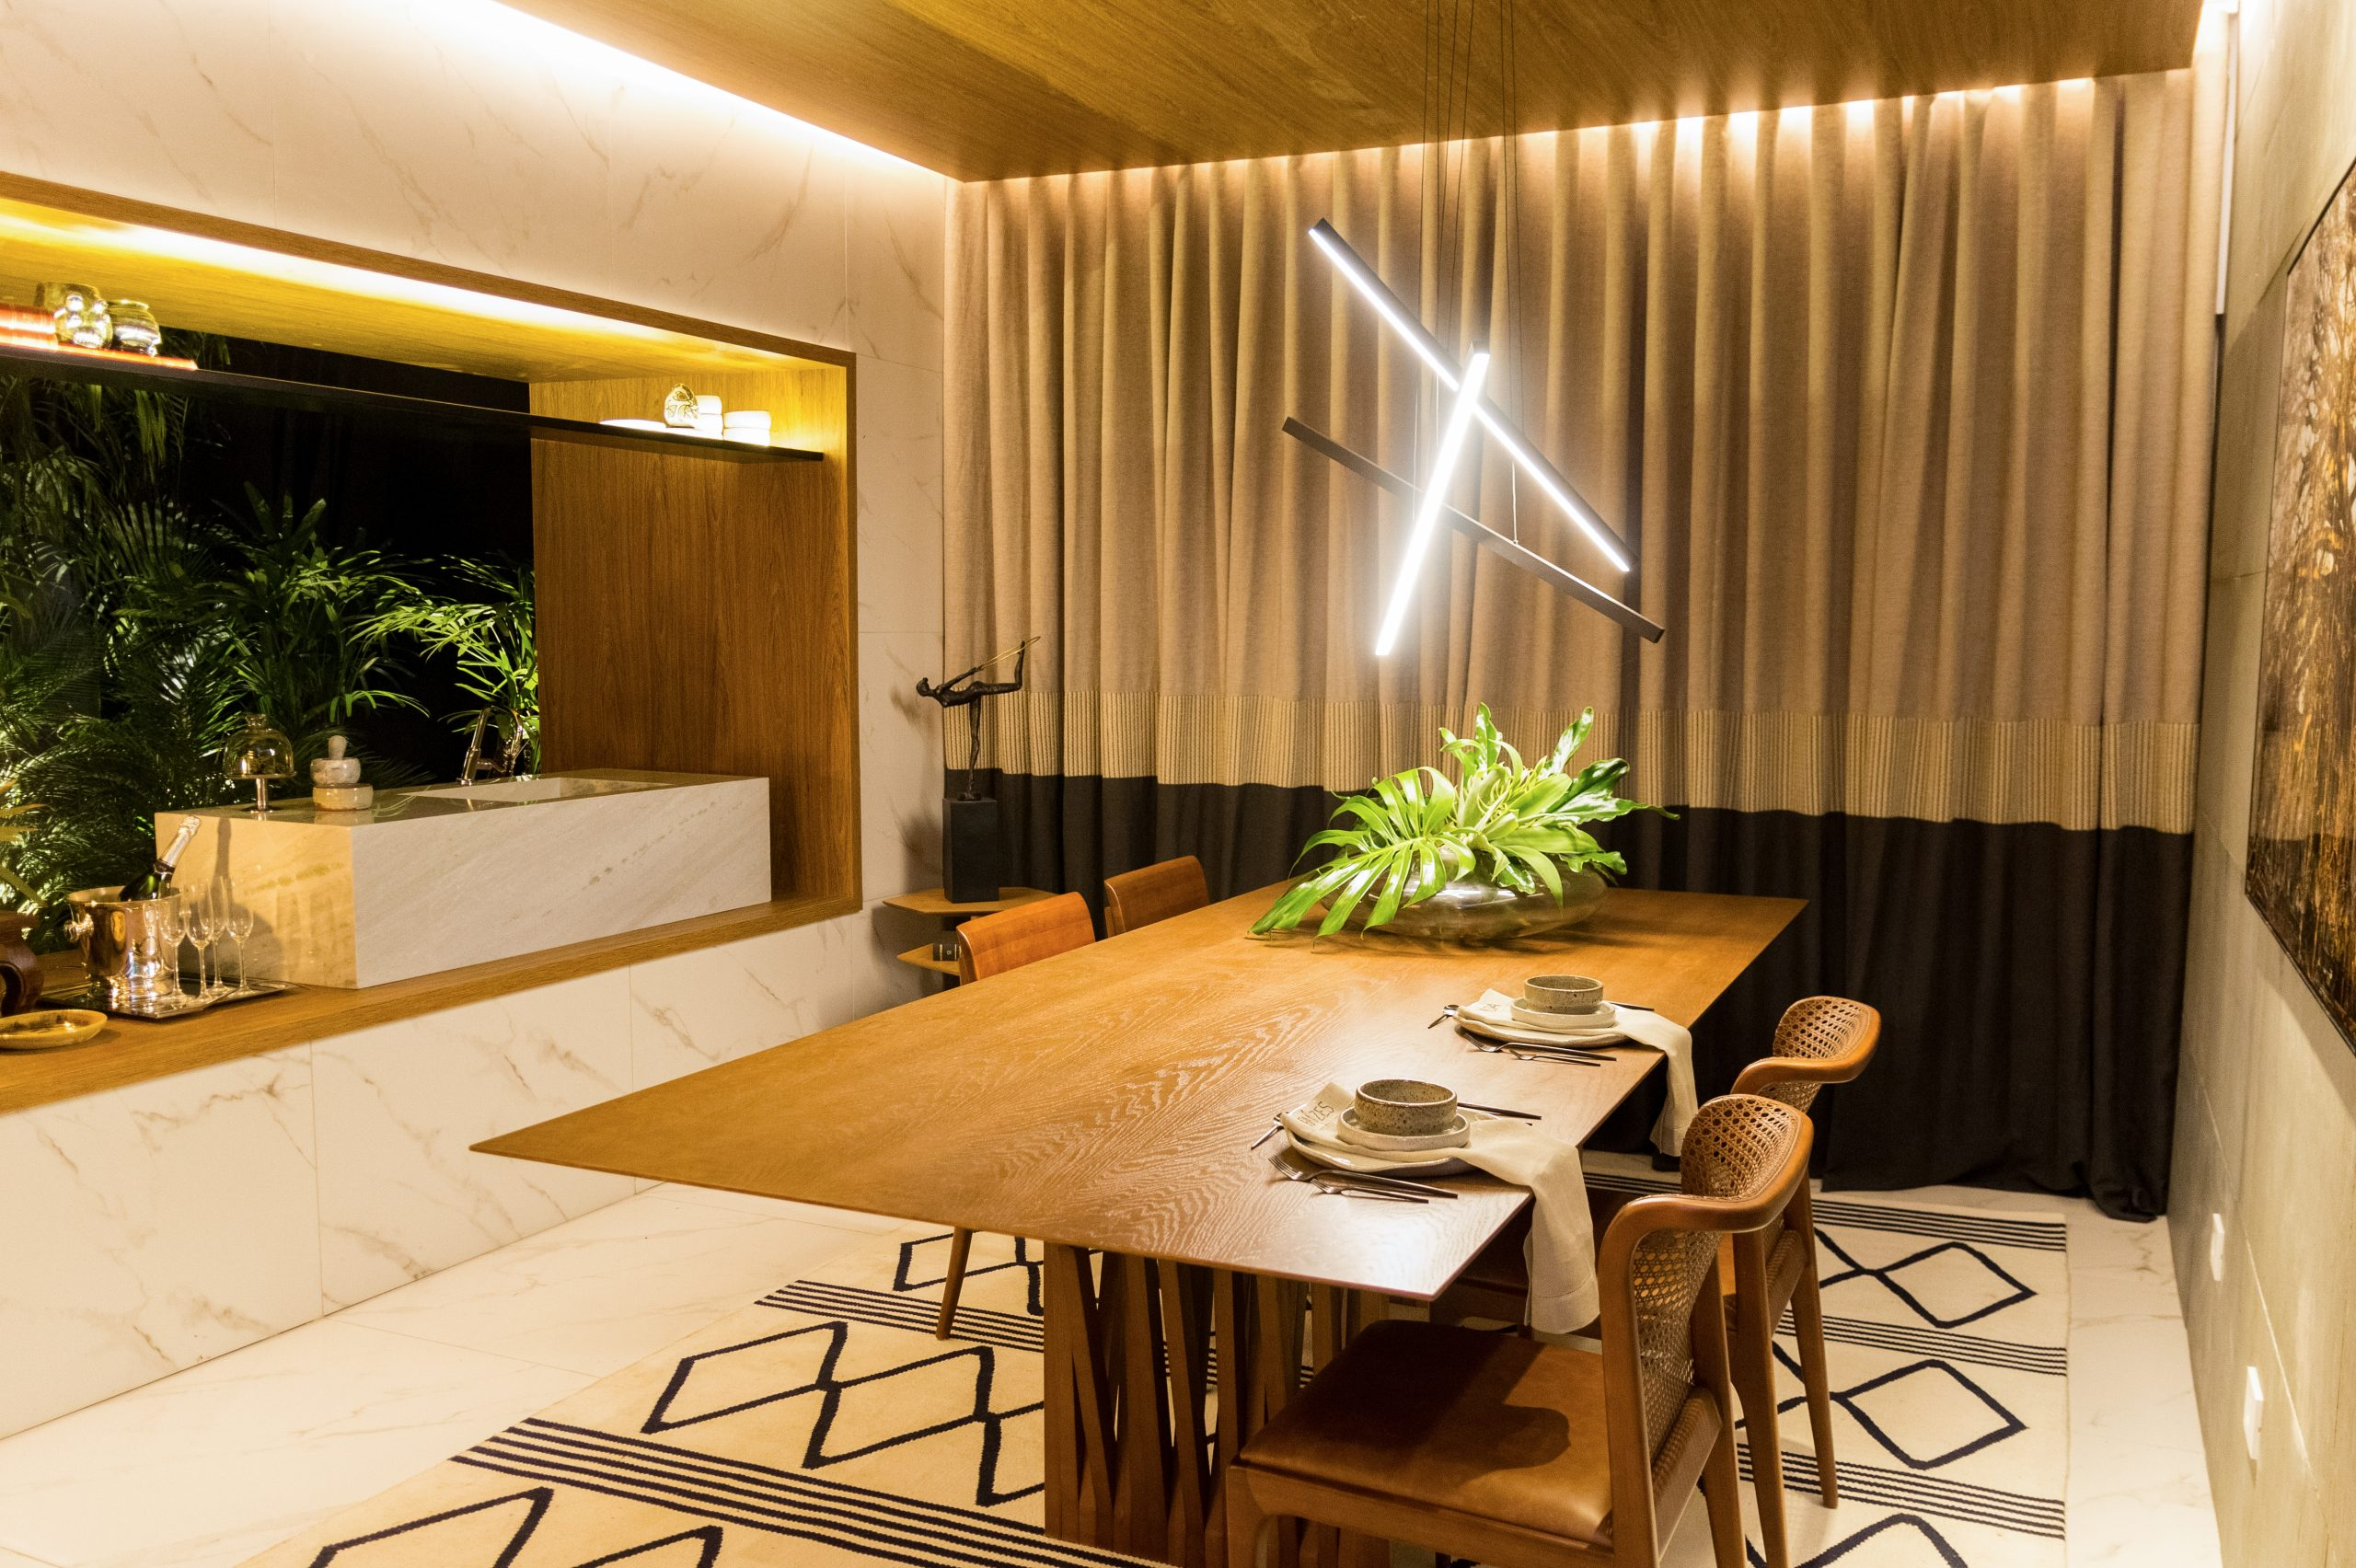 Sala de Jantar - Mostra Morar Bem 2019